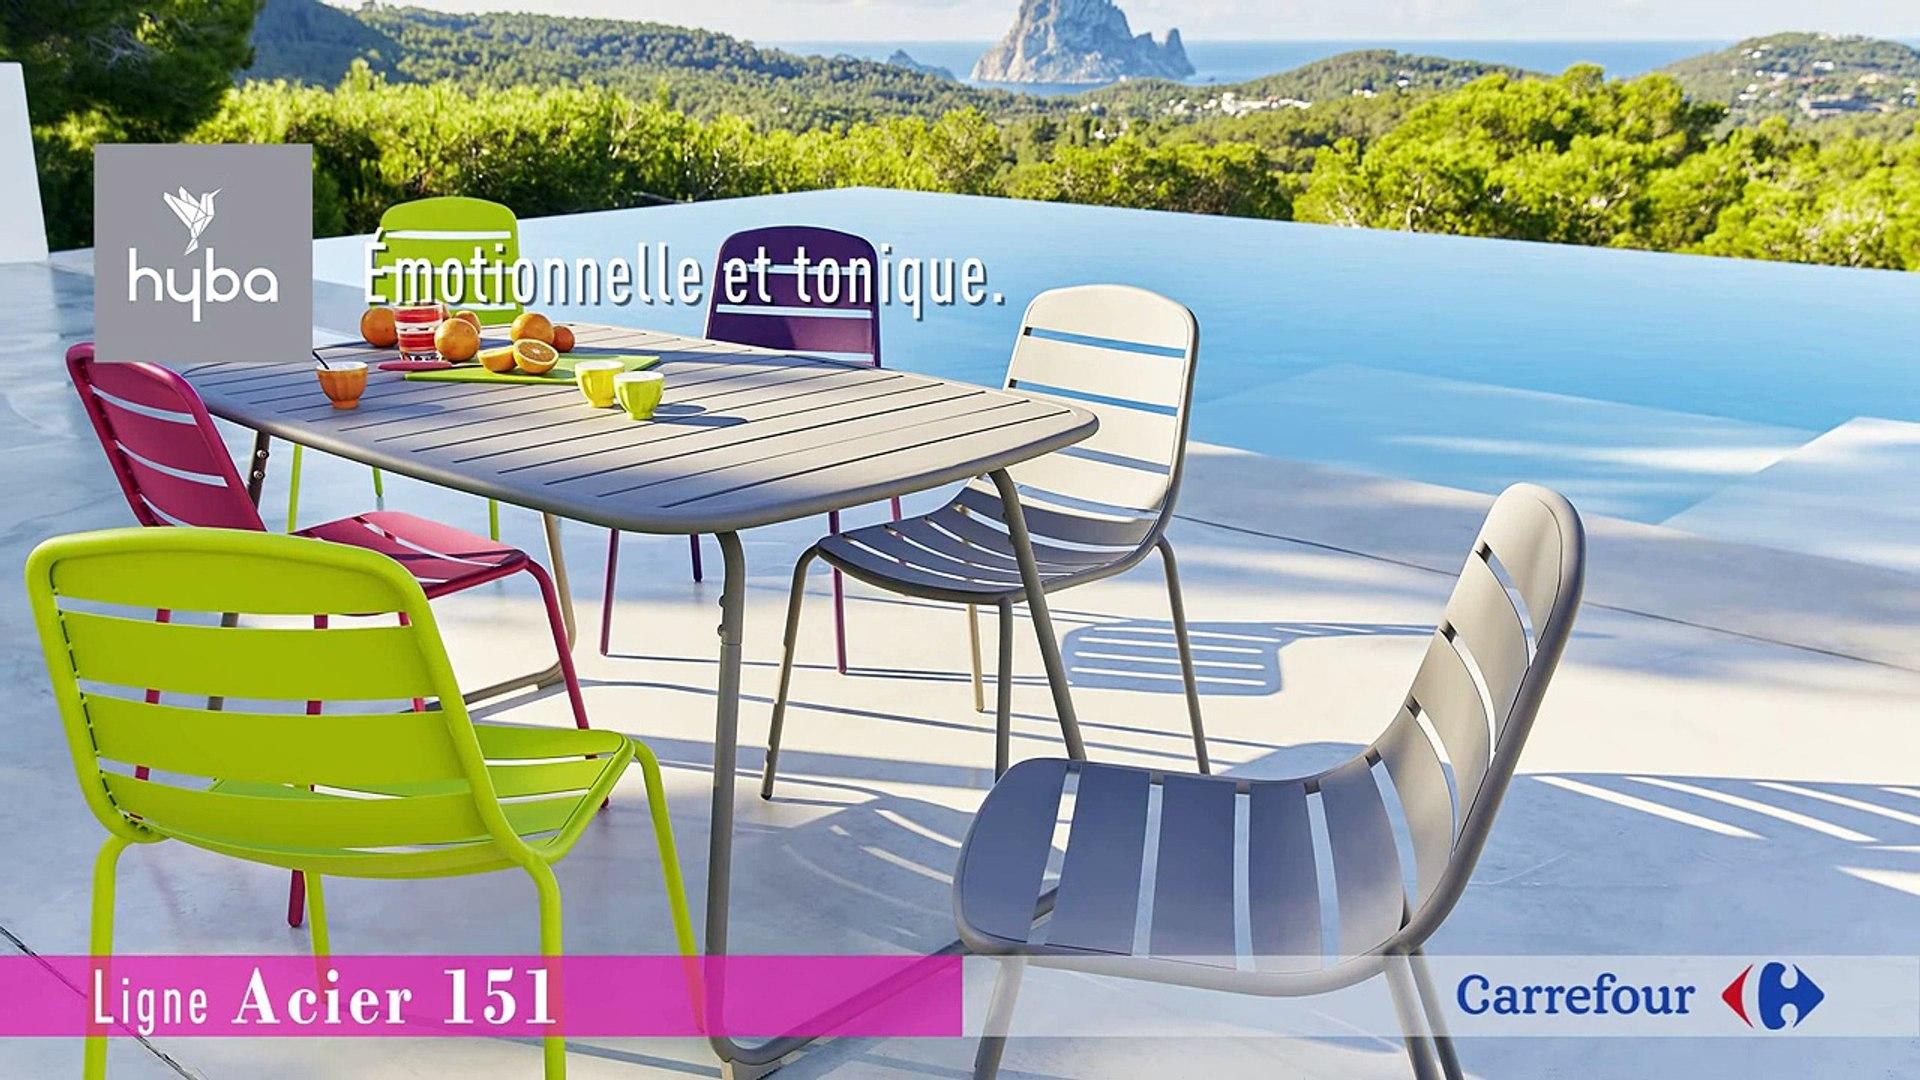 Collection Mobilier de Jardin 6 Hyba chez Carrefour : La ligne